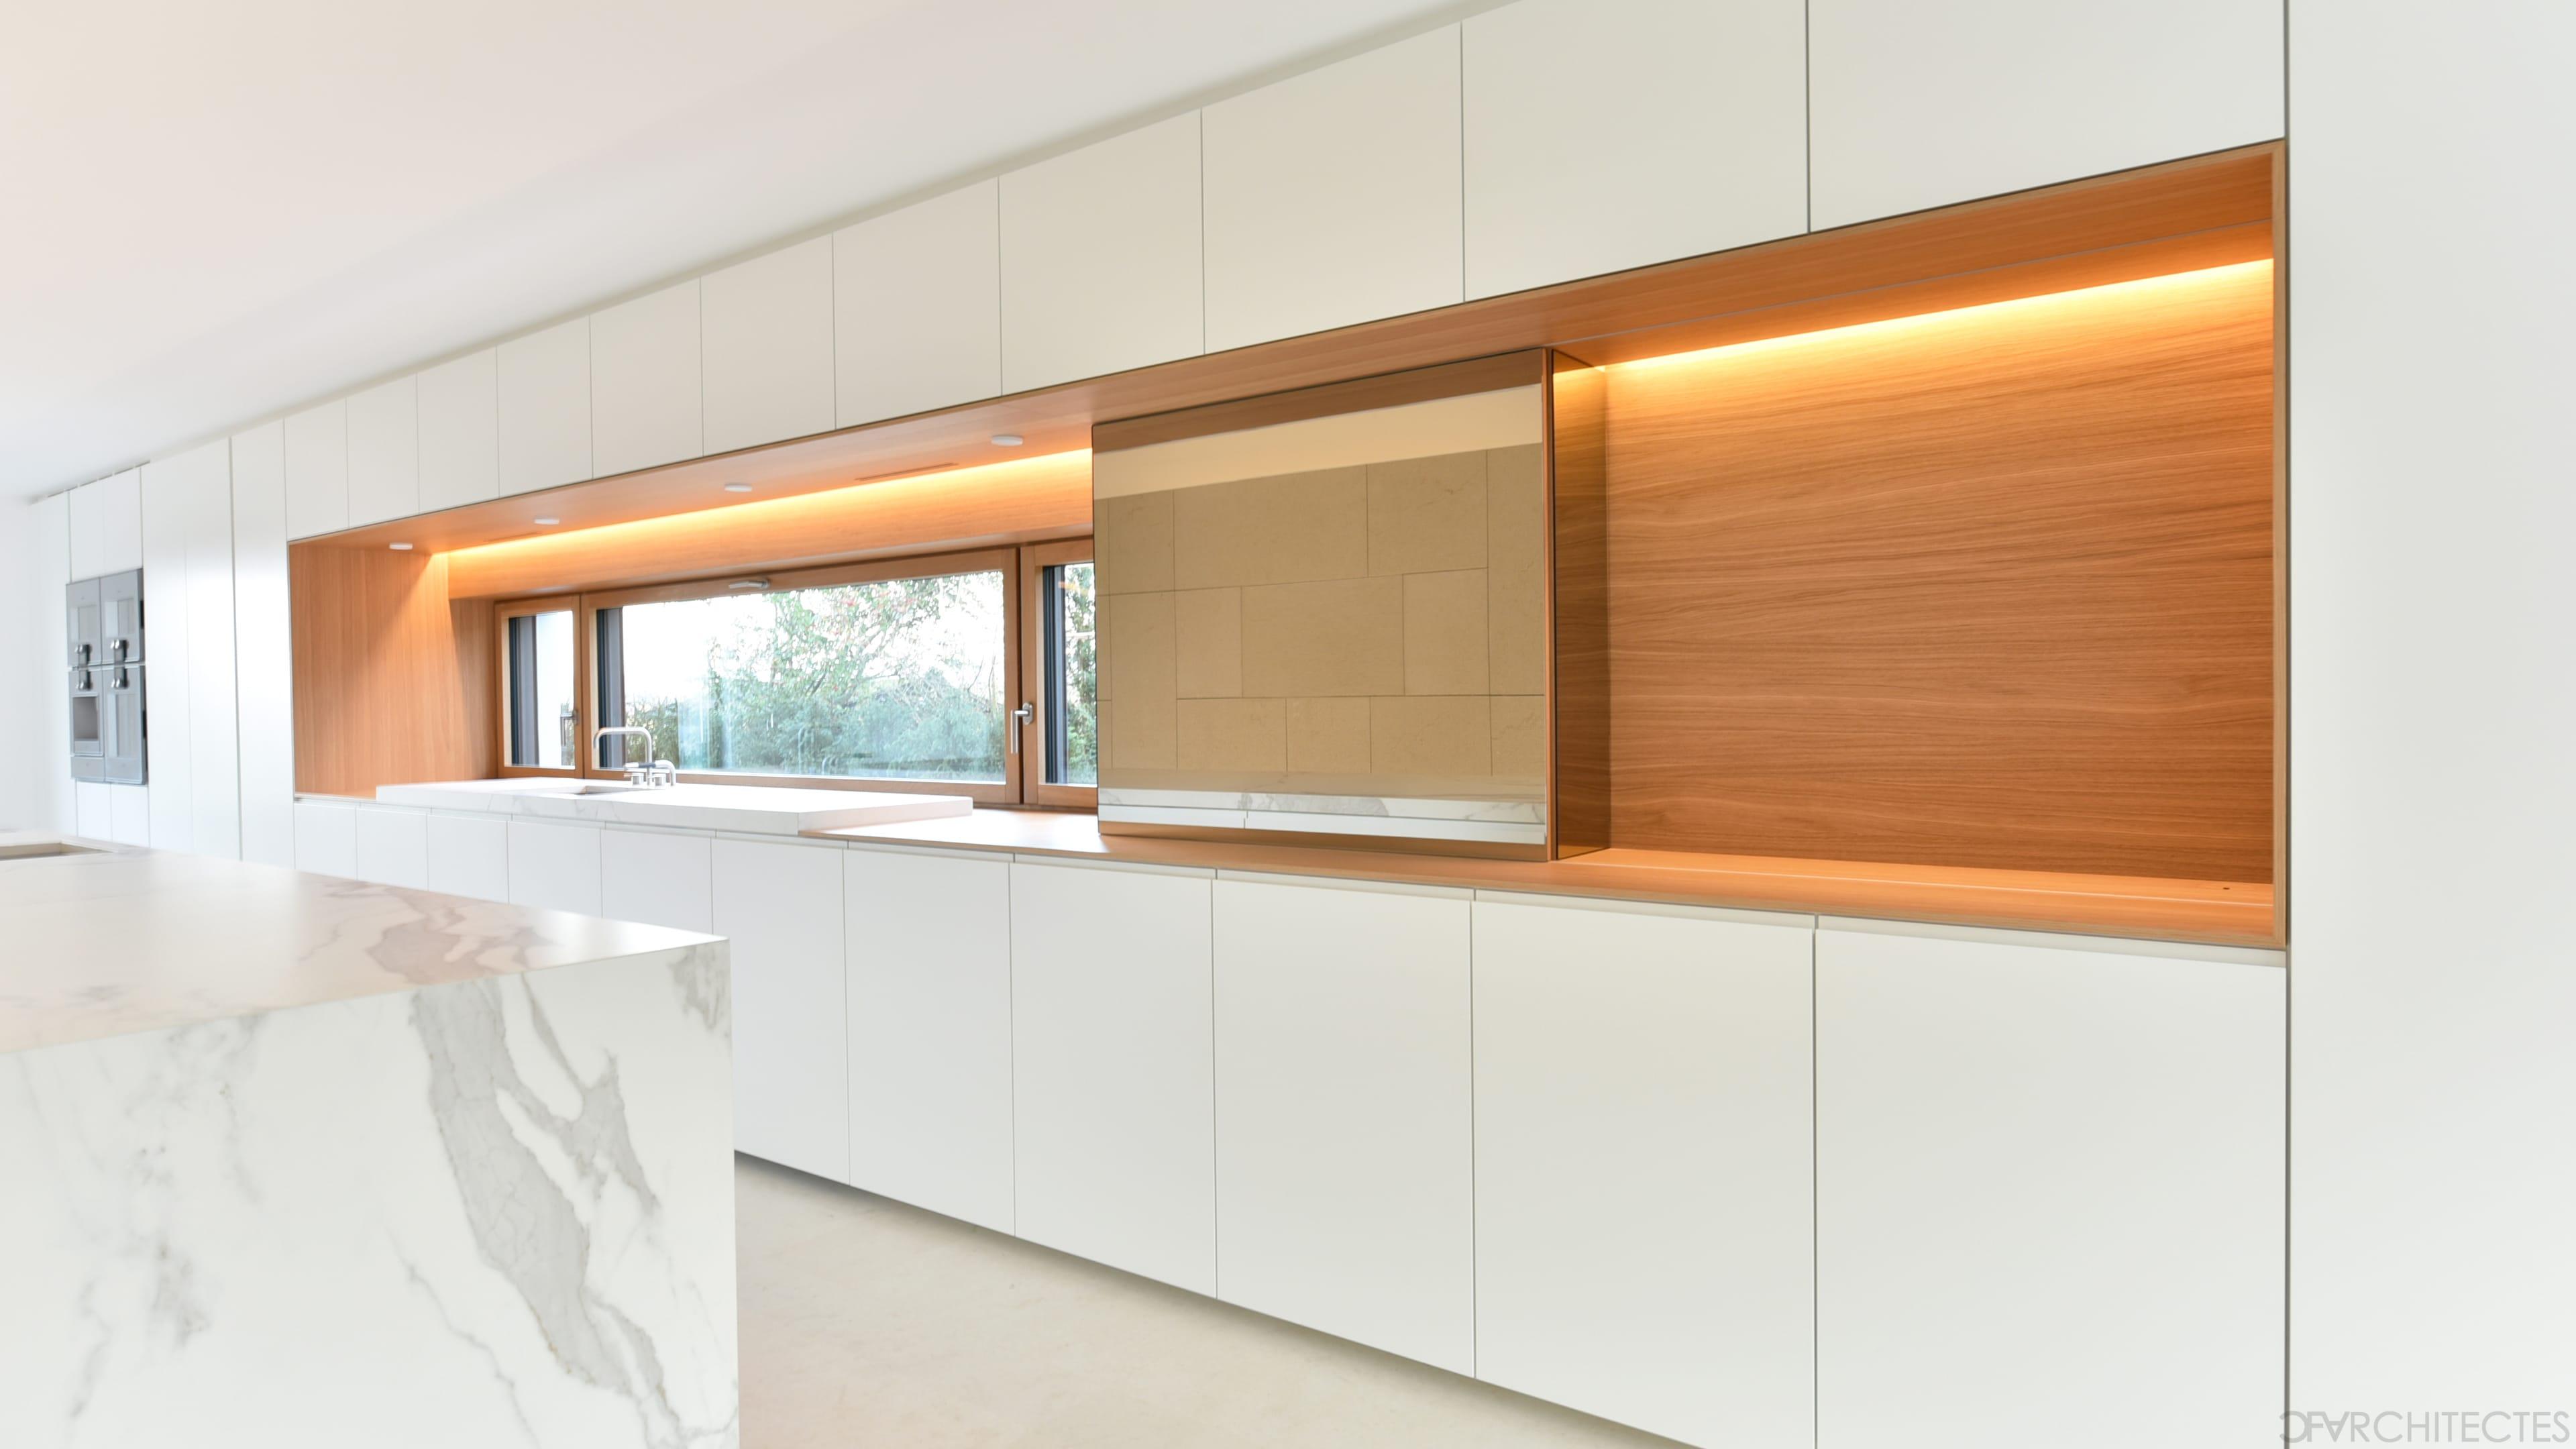 004-bridel-villa-b-luxe-maison-cuisine-marbre-bois-finition ...